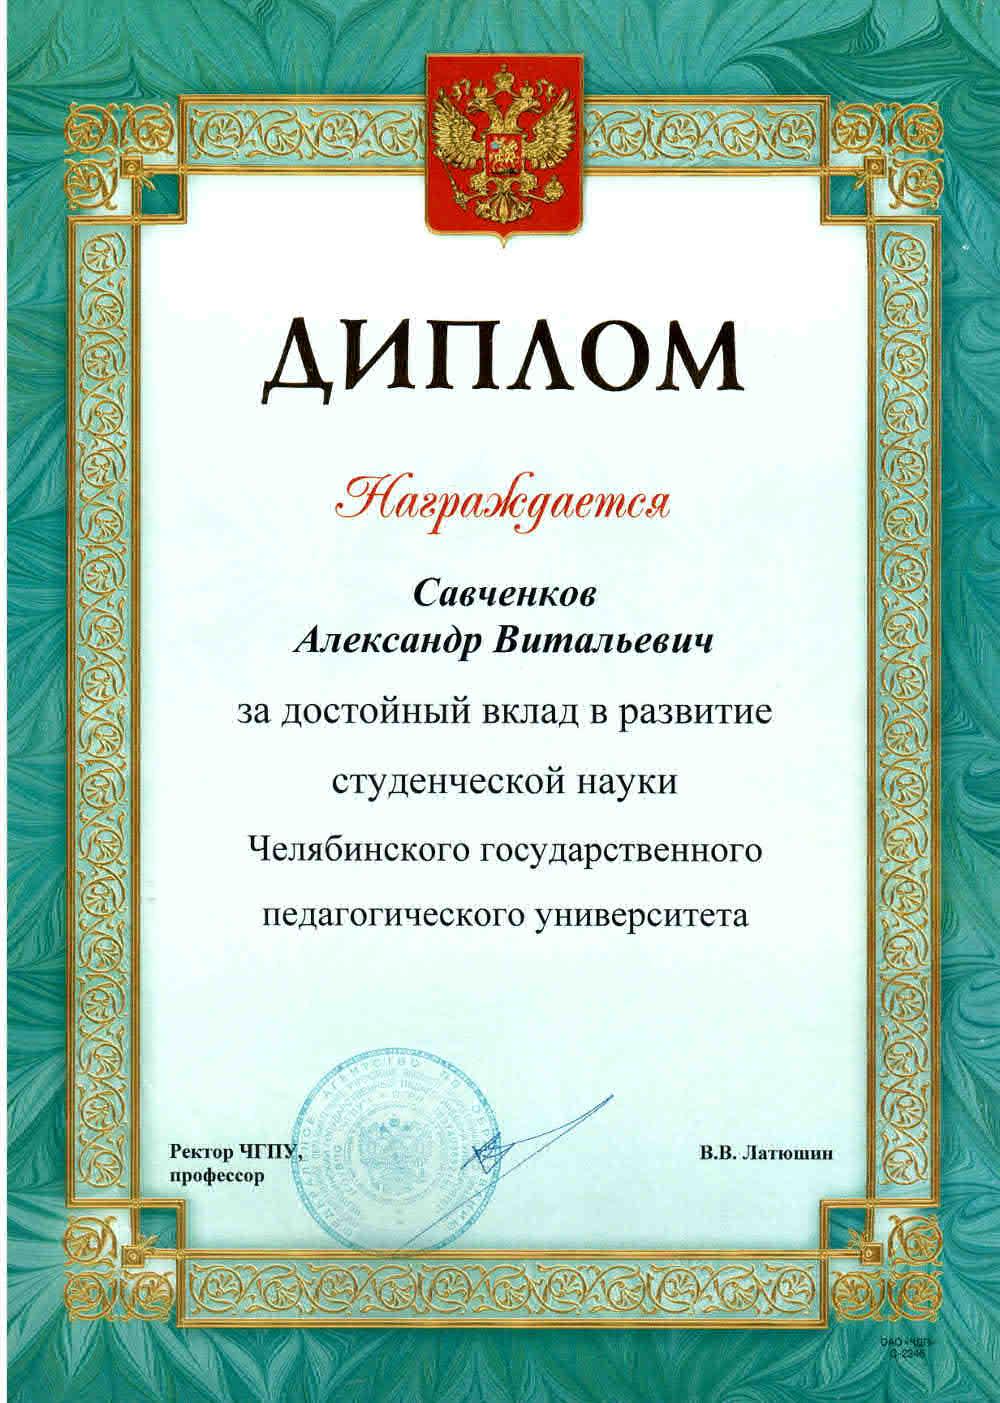 Диплом за достойный вклад в развитие студенческой науки Челябинского государственного педагогического университета